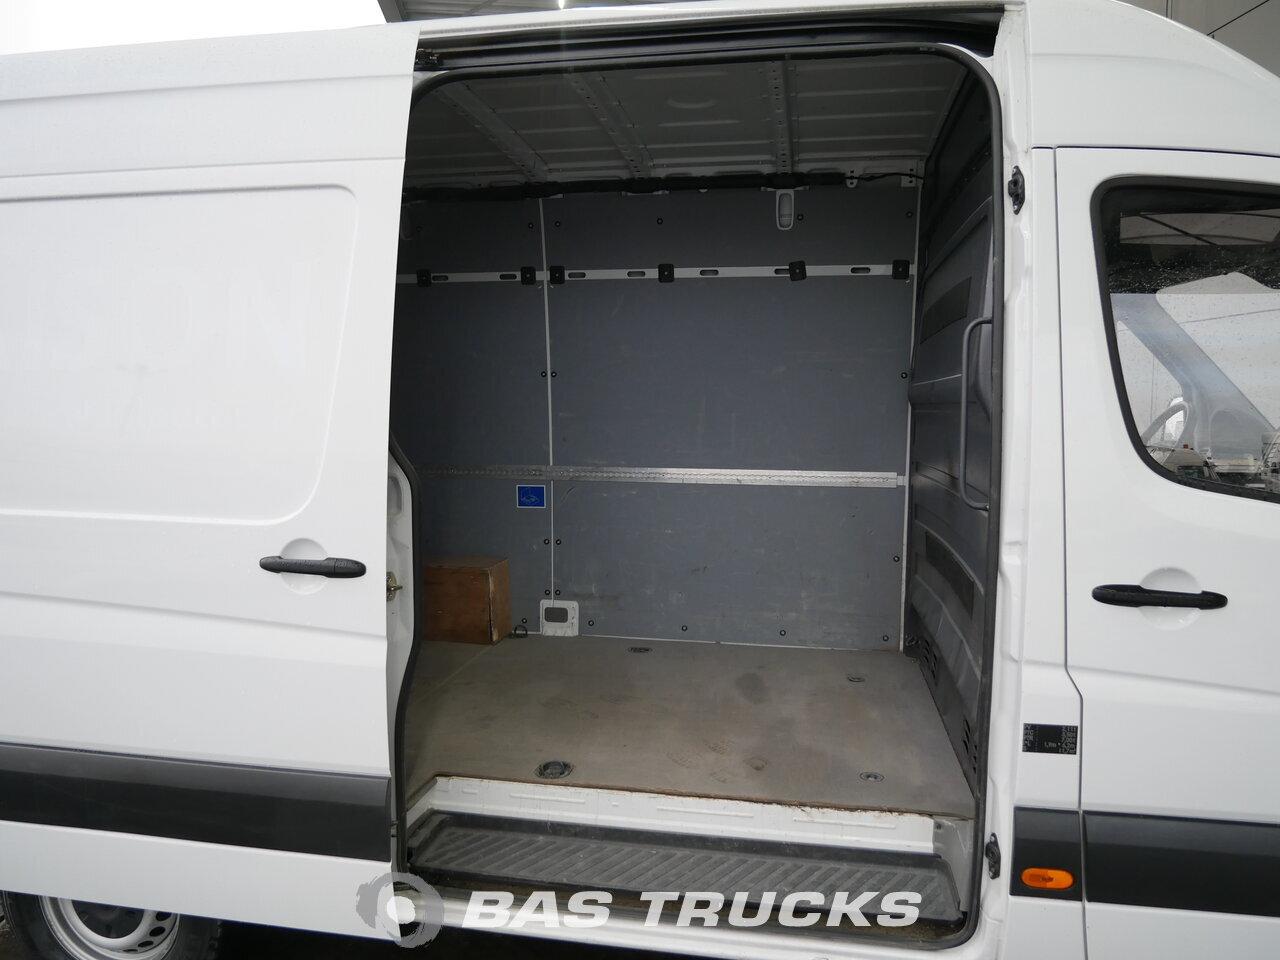 mercedes sprinter leichte nutzfahrzeuge 18300 bas trucks. Black Bedroom Furniture Sets. Home Design Ideas